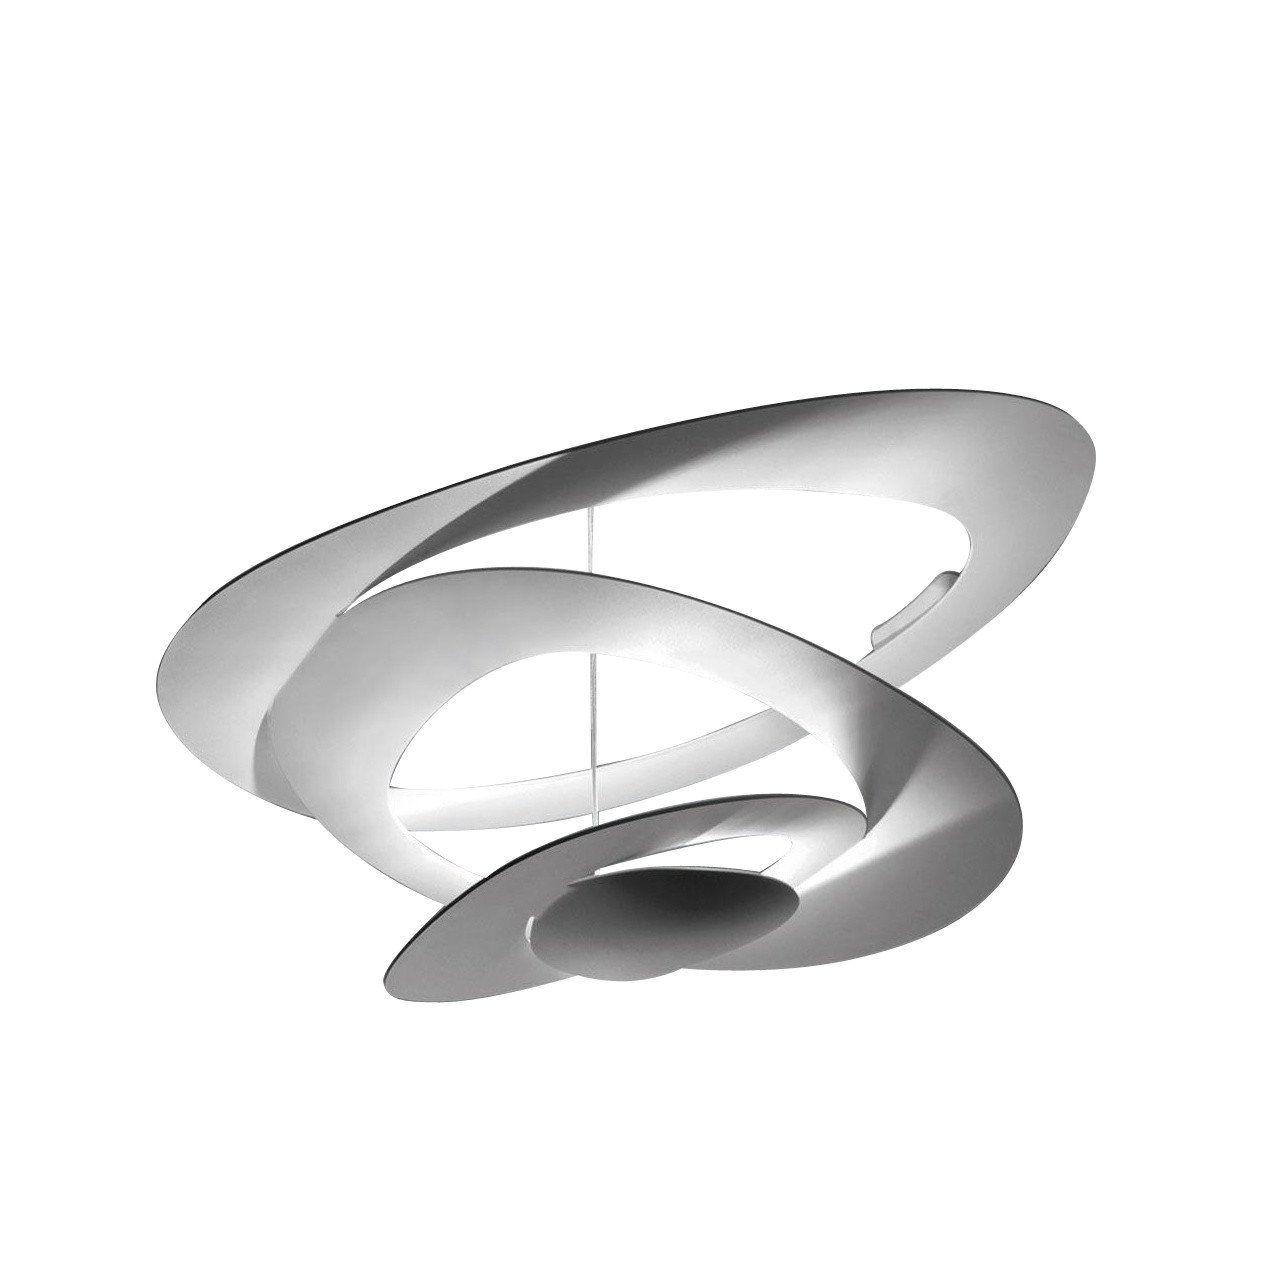 Schön Deckenleuchte Dimmbar Ideen Von Artemide - Pirce Led - Weiß/matt/dimmbar